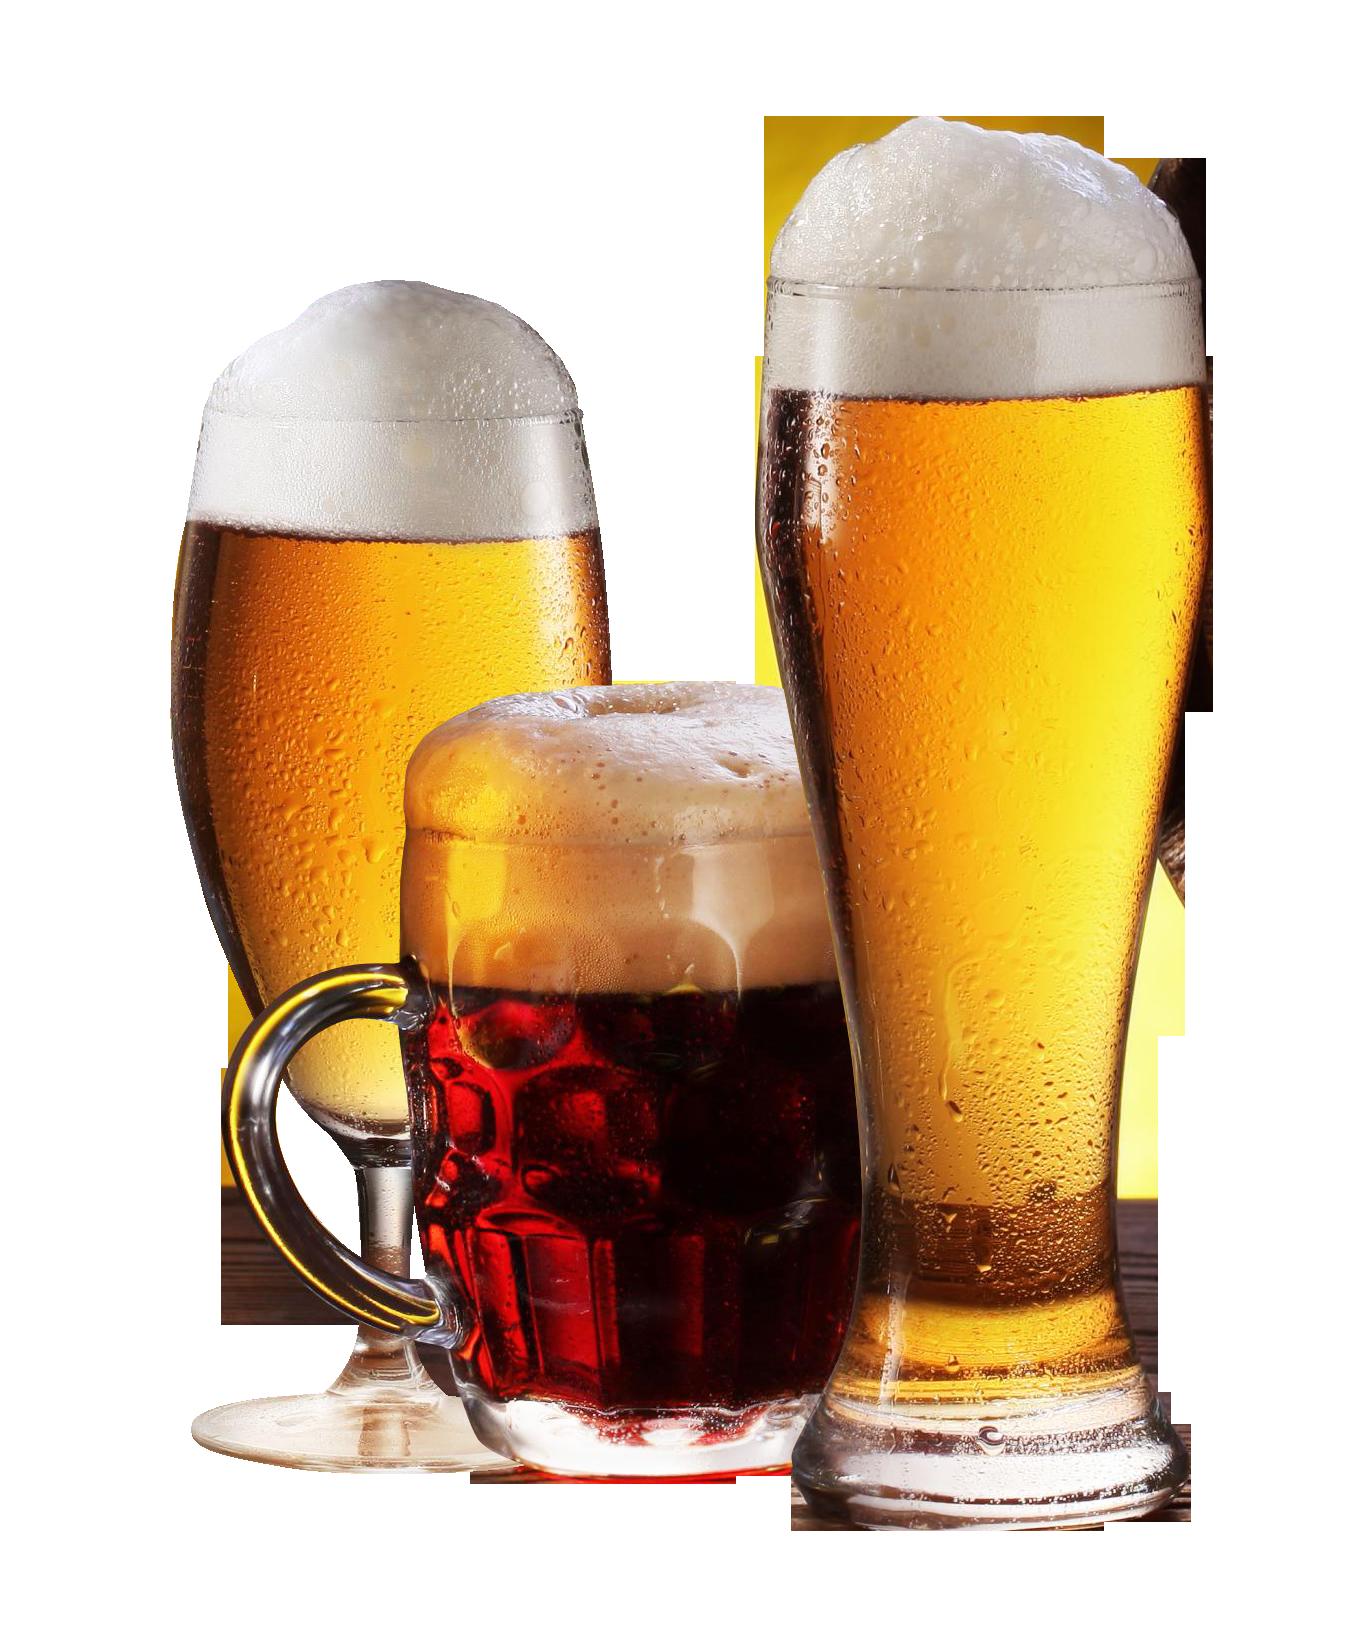 Glass Beer Glassware Transparent Free Hq Image Beer Glassware Beer Distilled Beverage